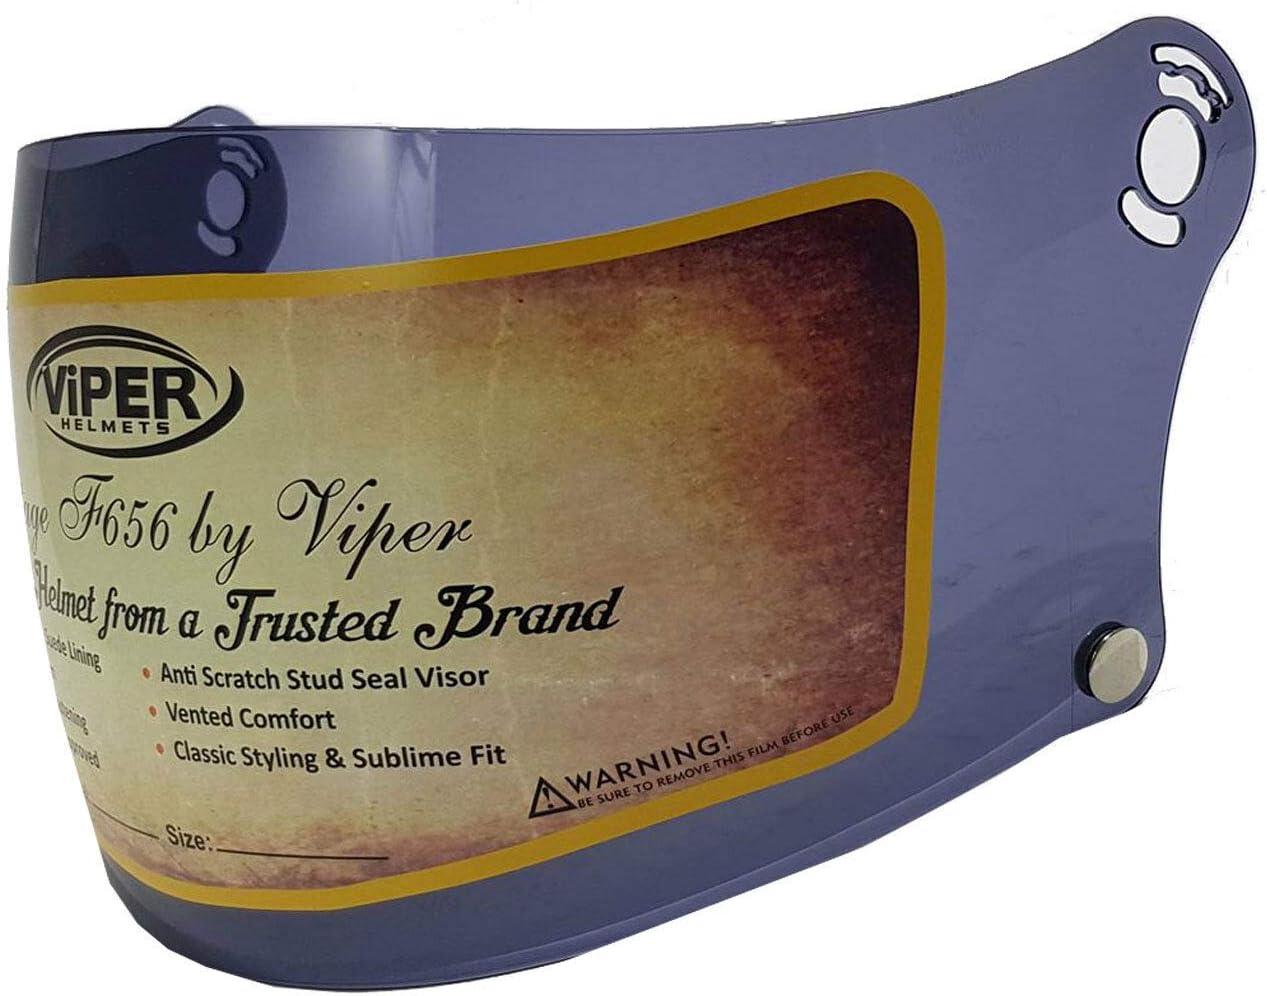 VIPER F656 REPLACEMENT VISOR ERSATZ-VISIER VOLLES GESICHT HELM INTEGRAL ZUS/ÄTZLICHE VISIERE RAUCH VISIER MIT KNOPF